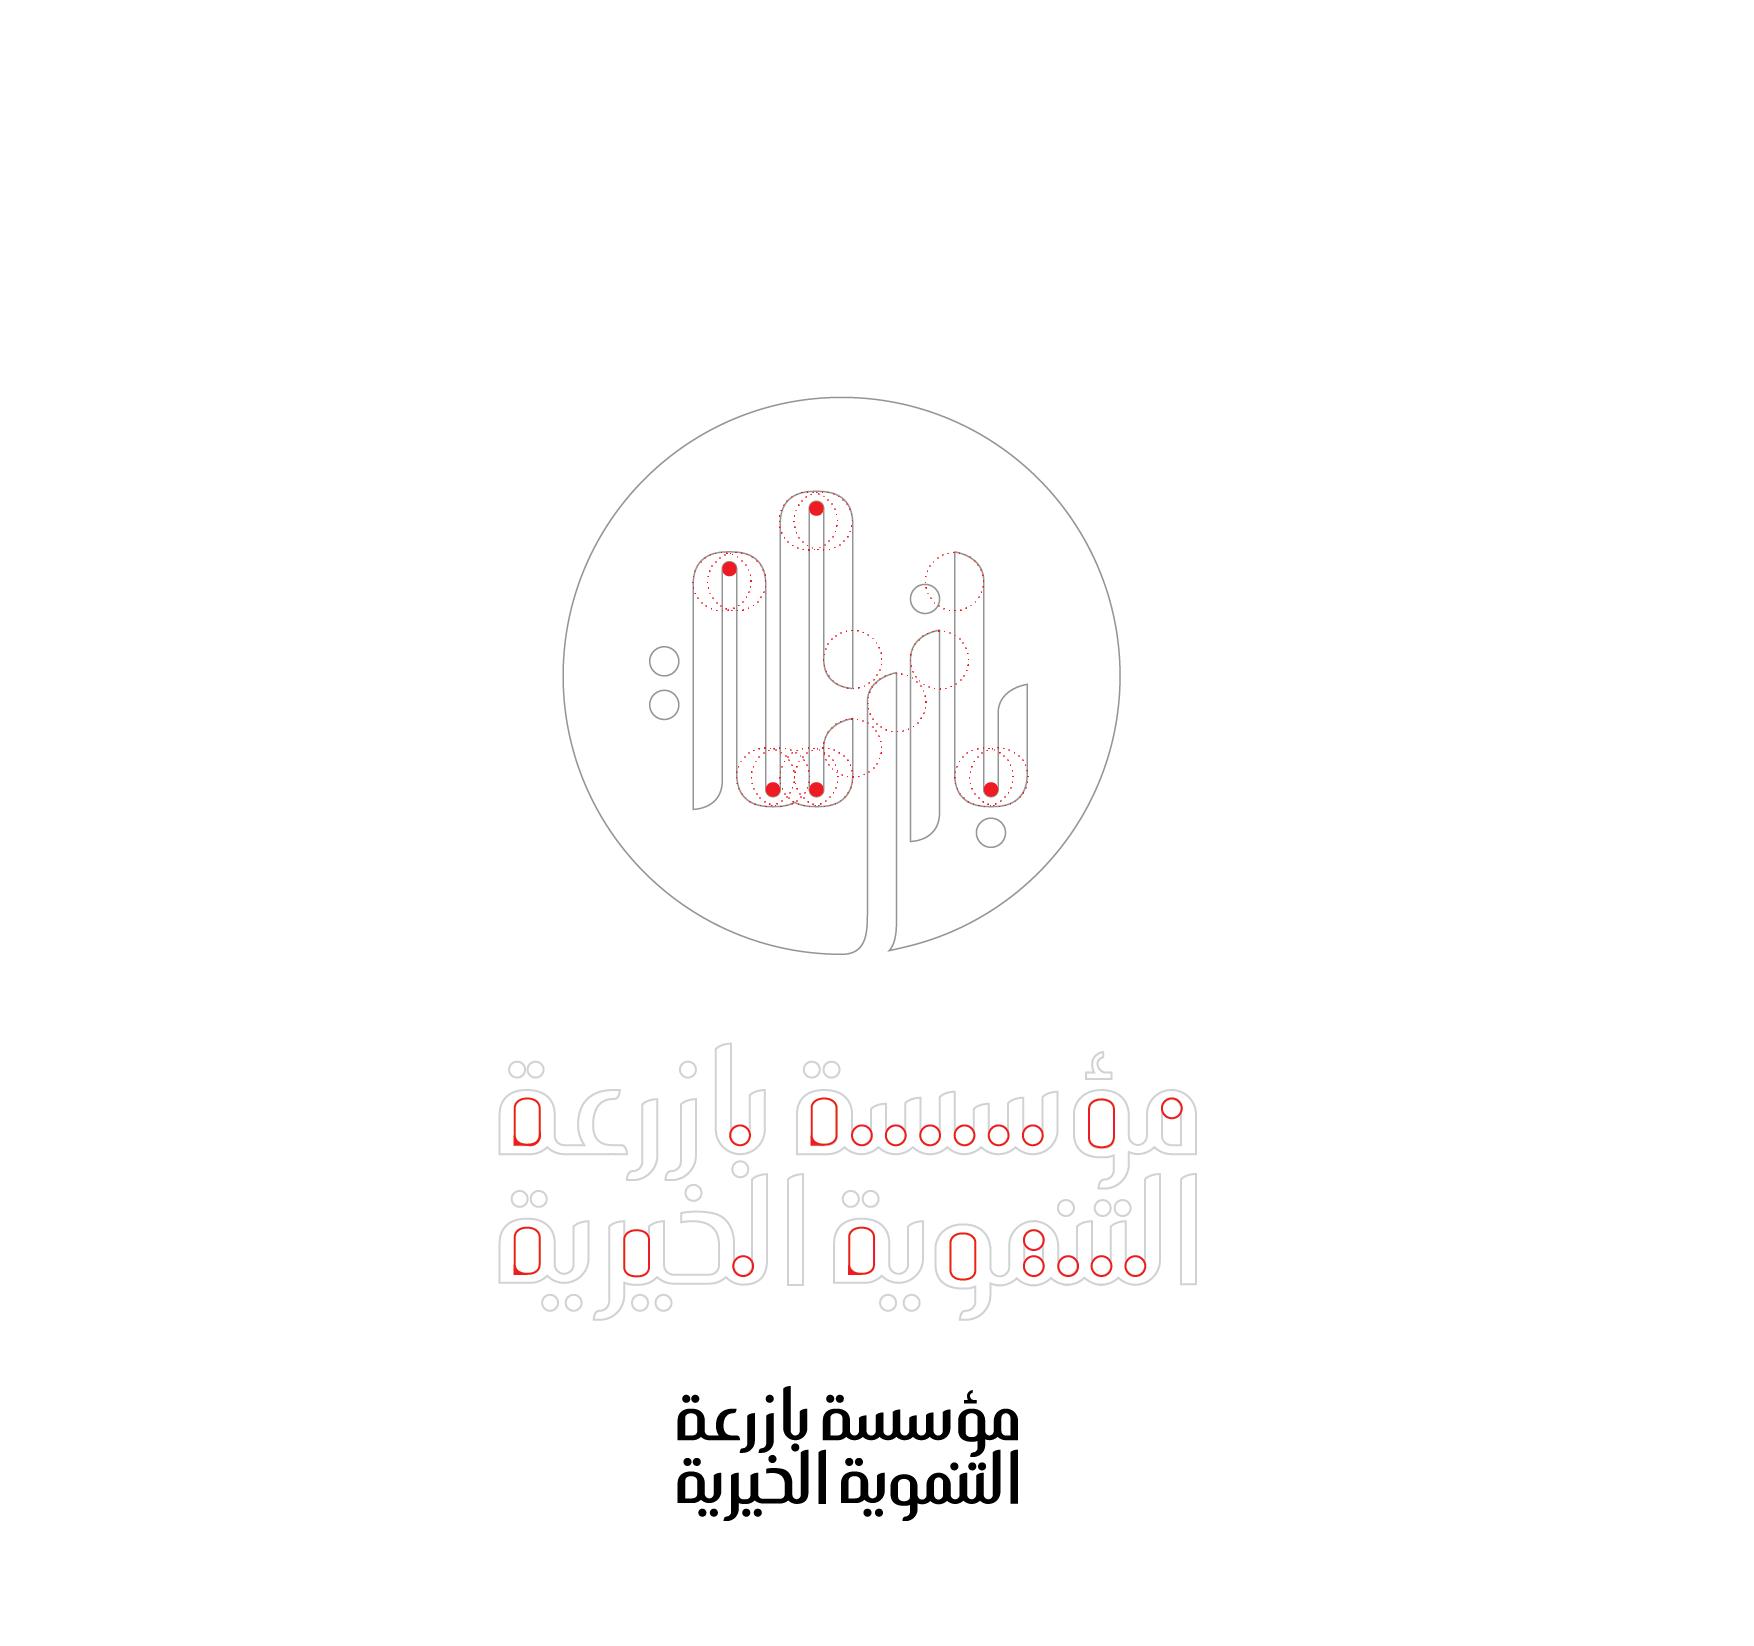 Bazaraa_behance-03